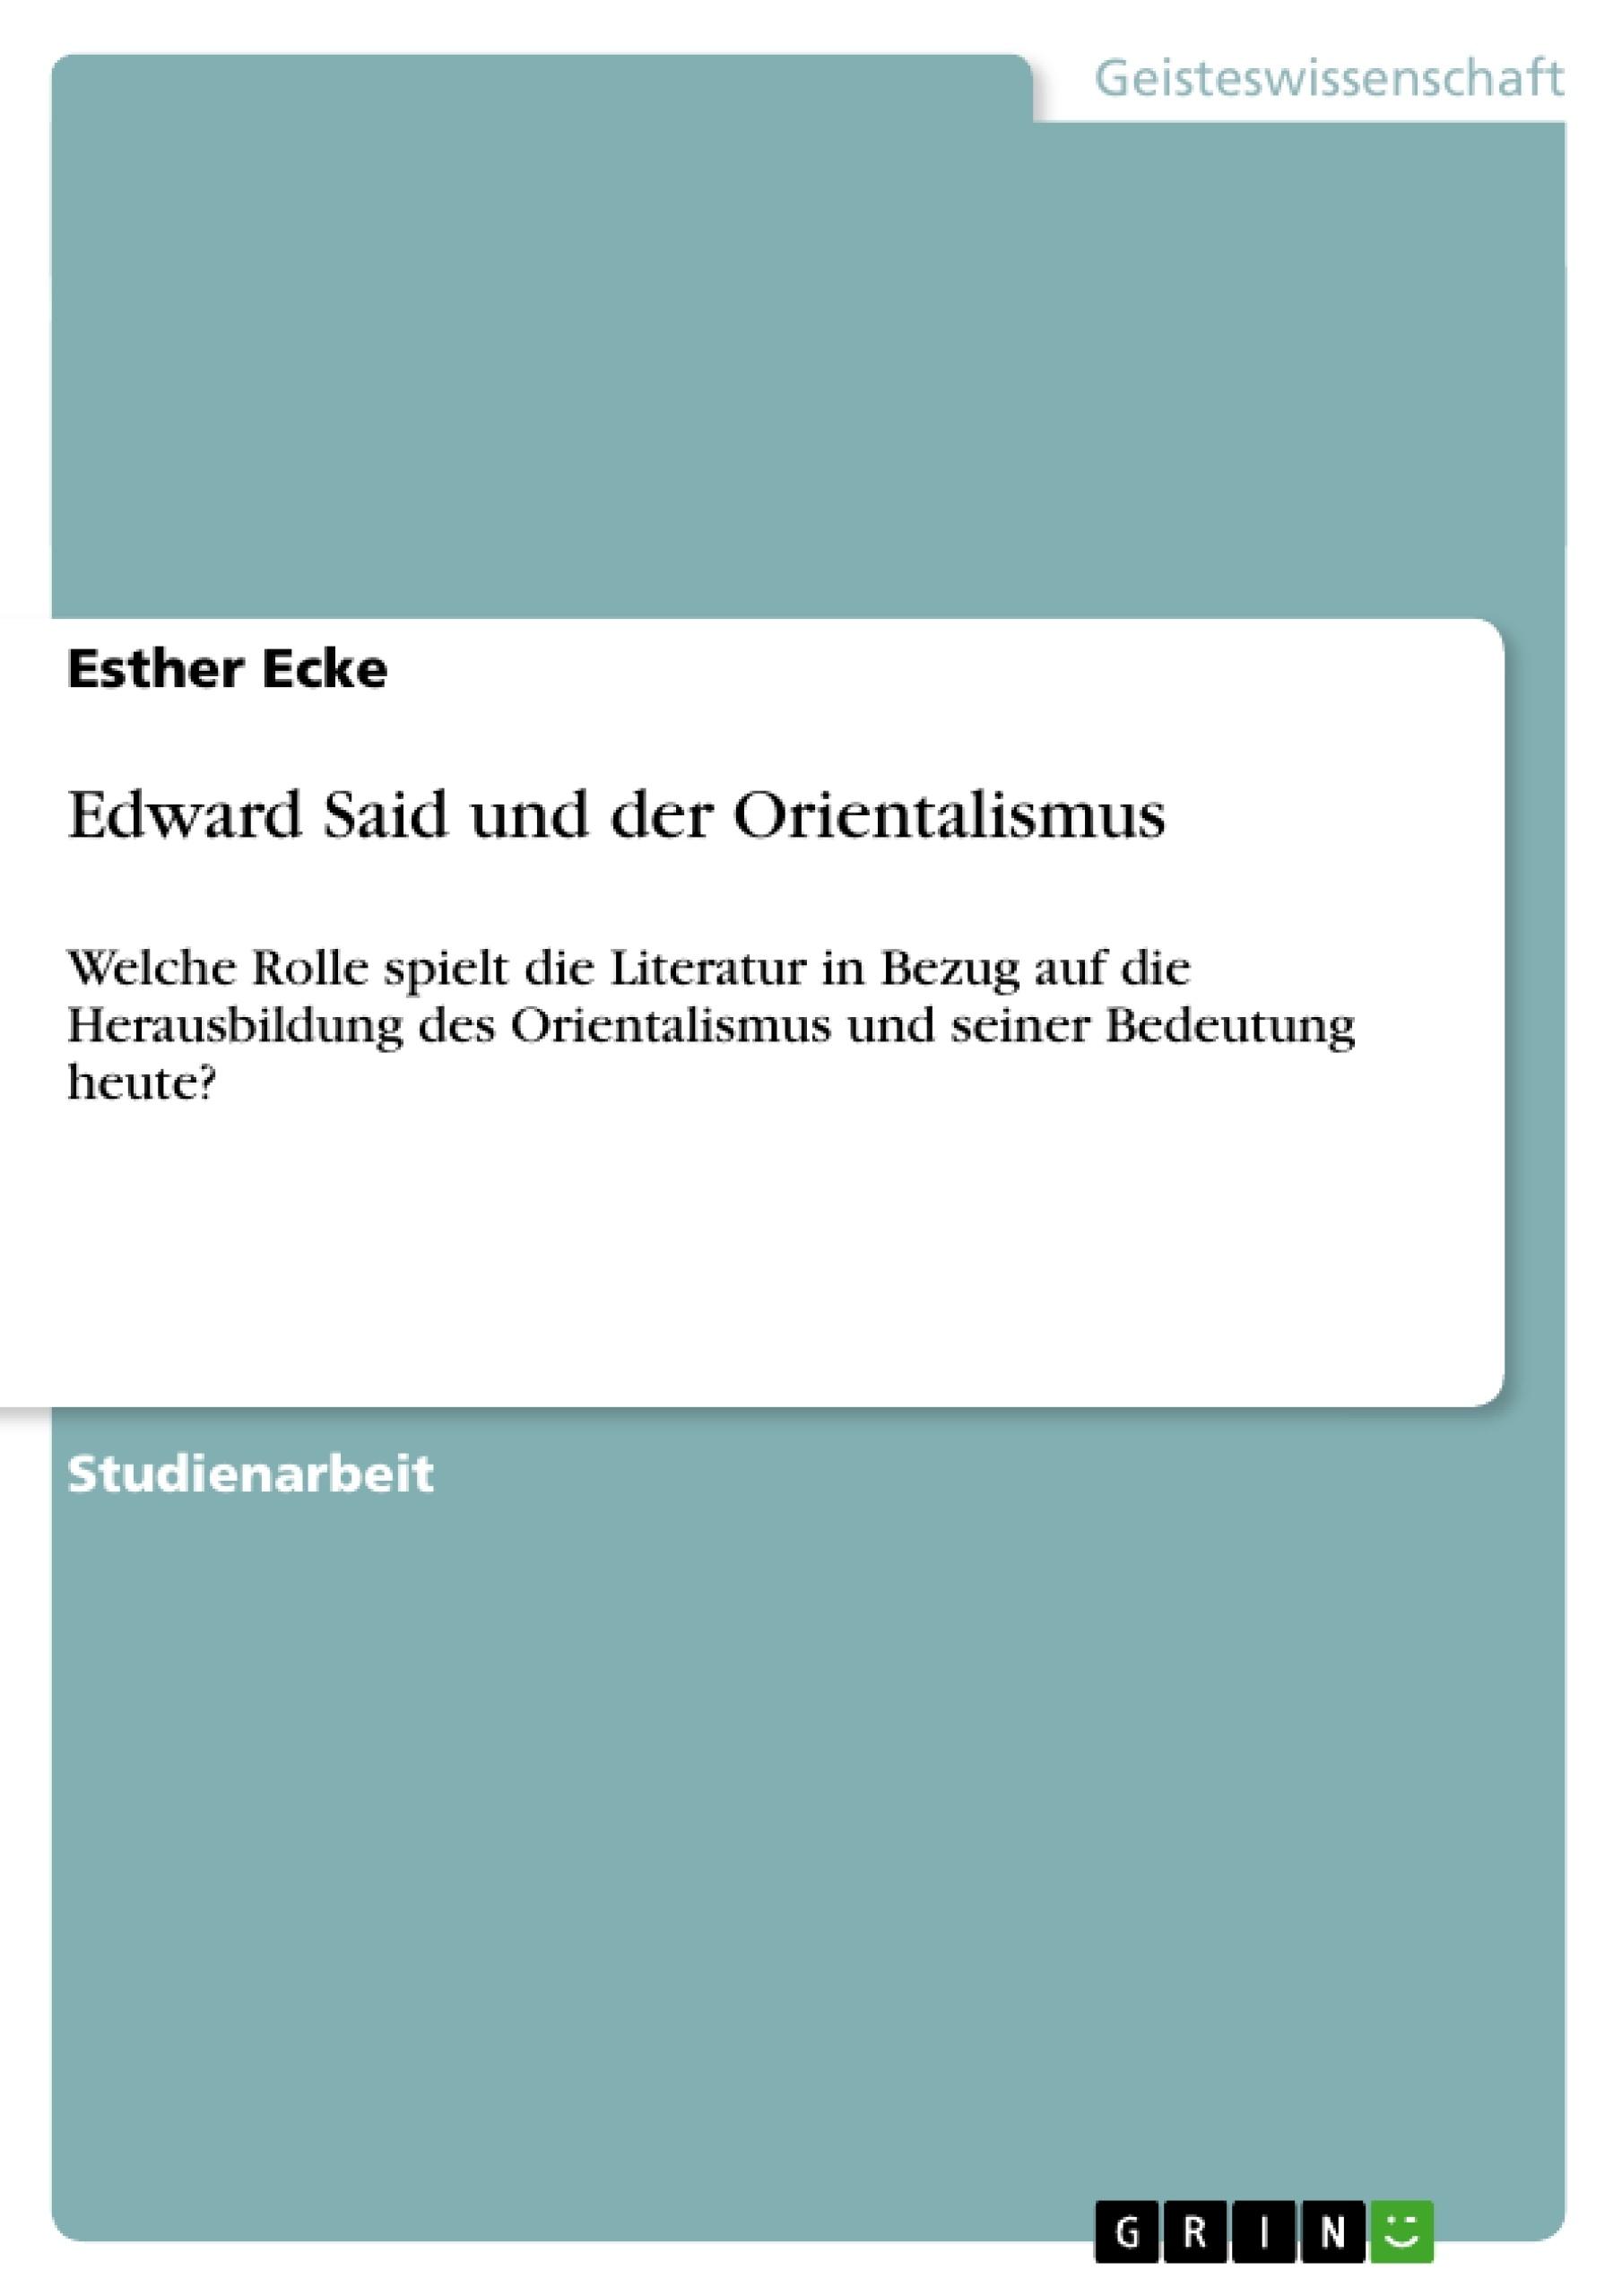 Titel: Edward Said und der Orientalismus